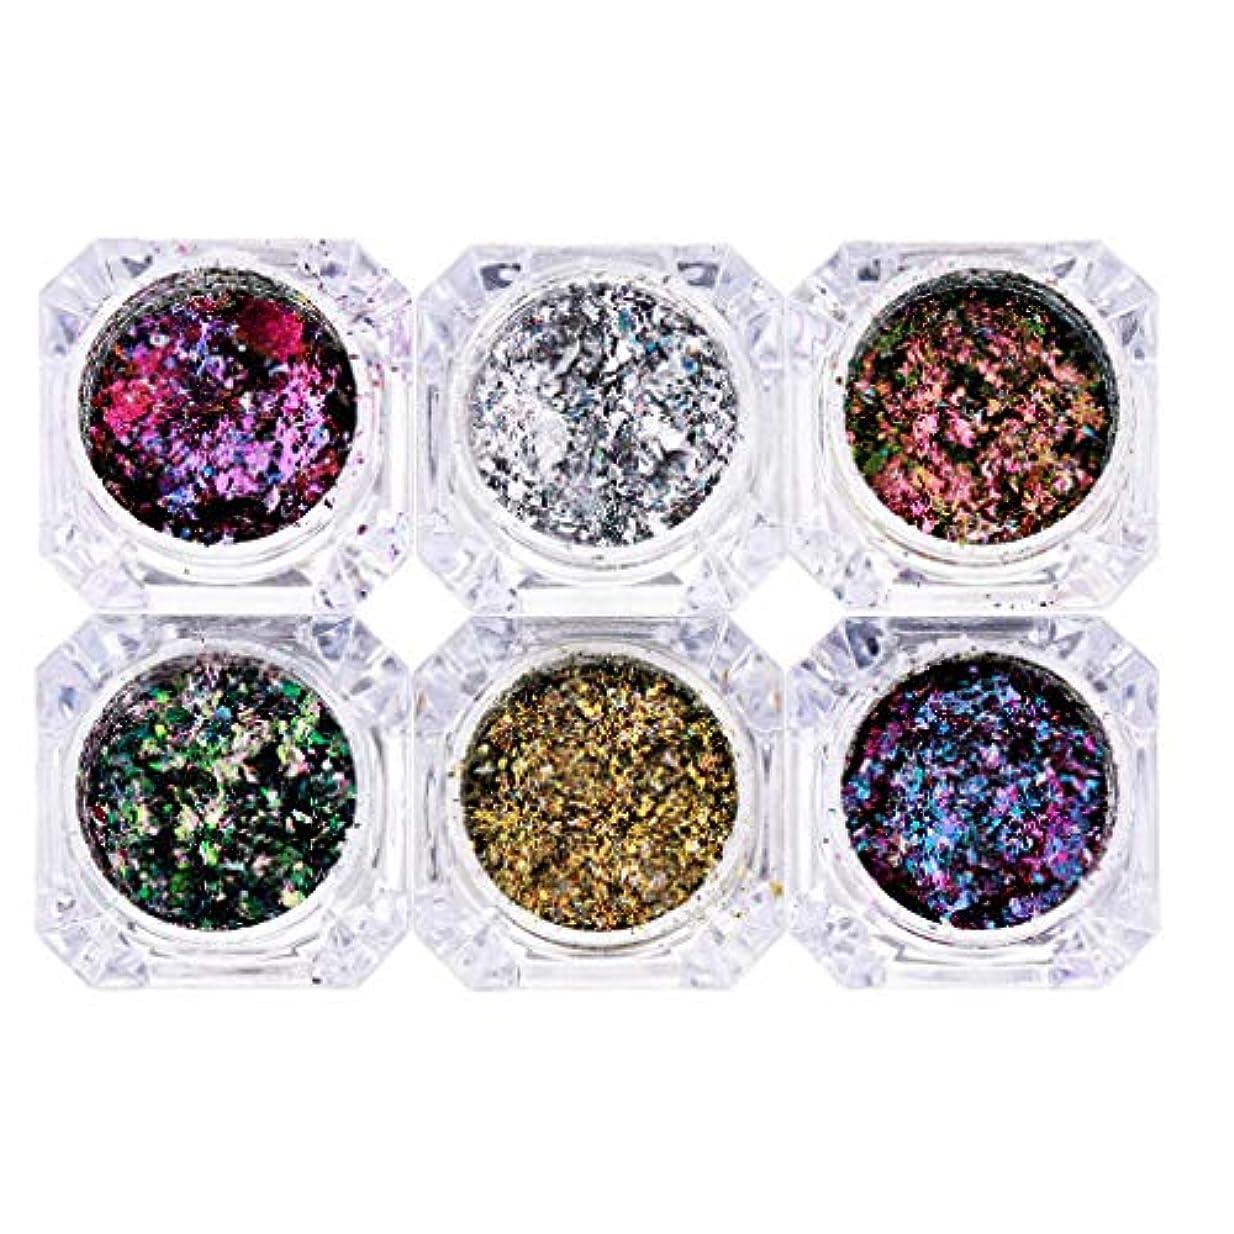 時計危機ピクニックB Blesiya 混合色 ネイルアート装飾 化粧品 キラキラ スパンコール メイクアップ 飾り 6個